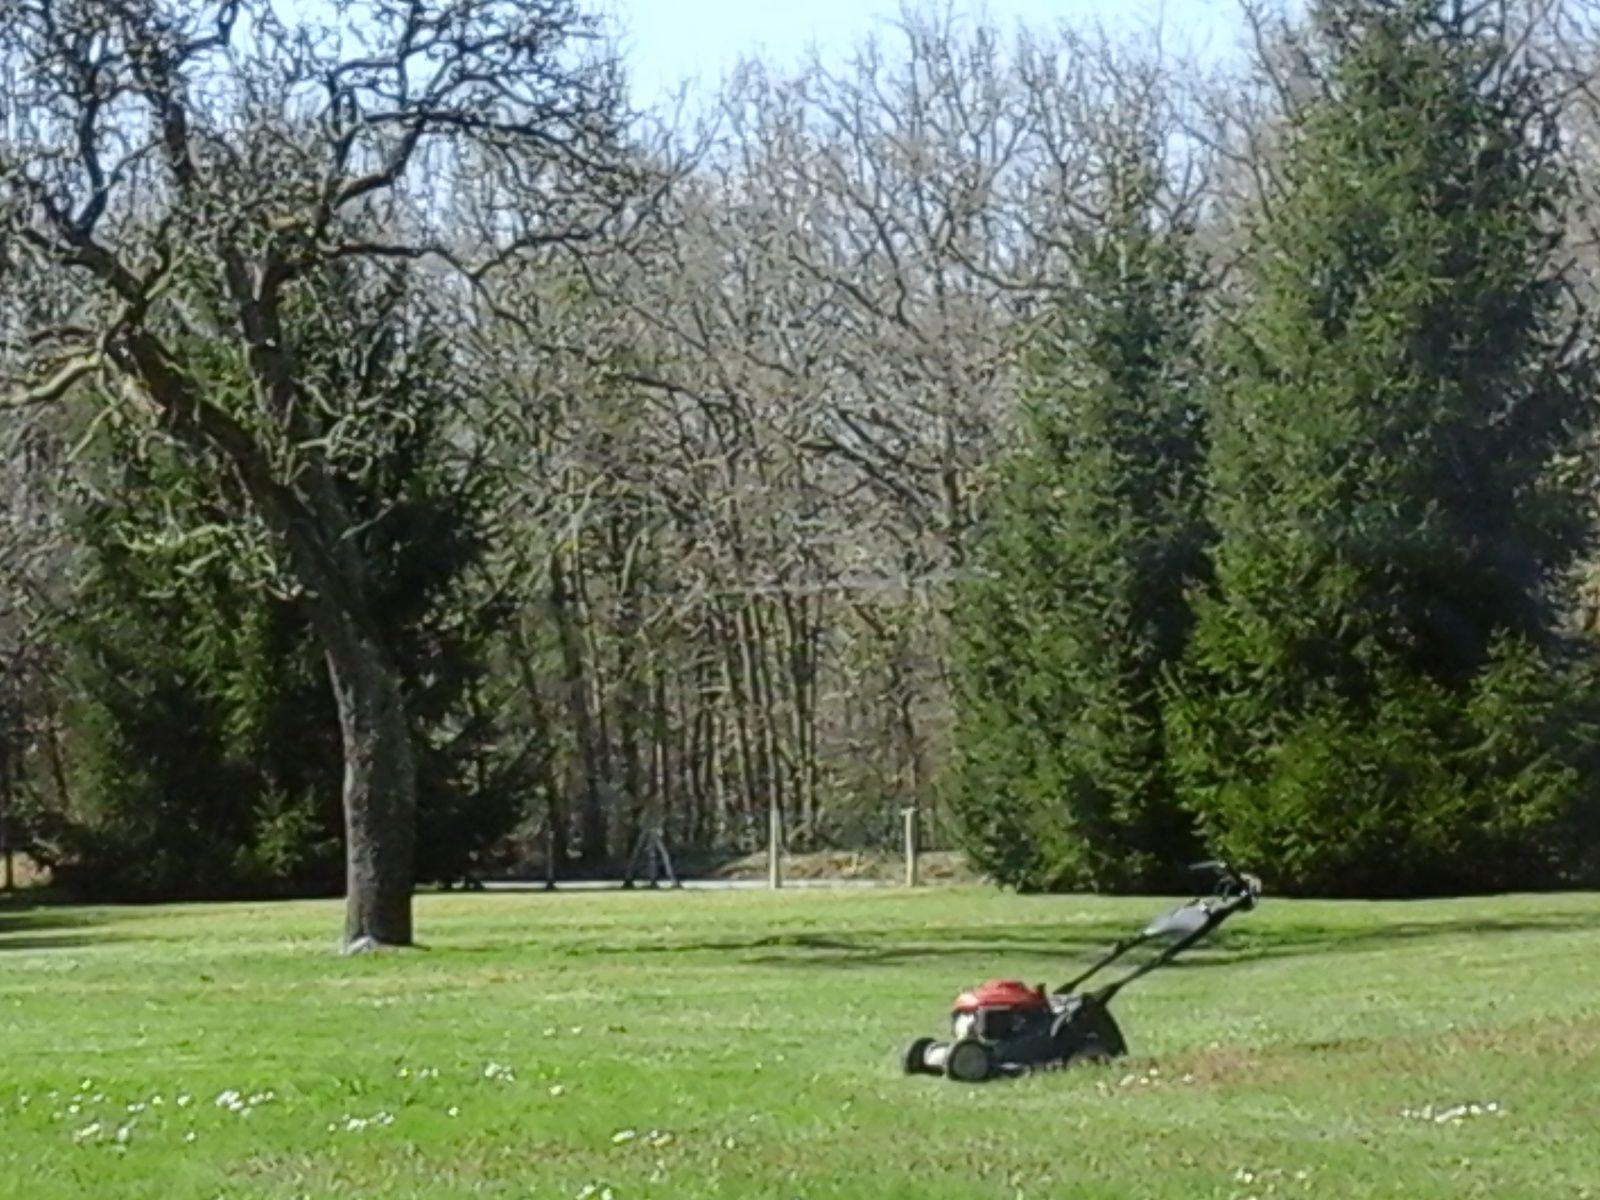 Aujourd'hui comme hier j'ai tondu l'herbe pressée de pousser. Mais elle ne s'en souvient pas. Vivement demain, je lui rappellerai l'oubli. (iovan.g)